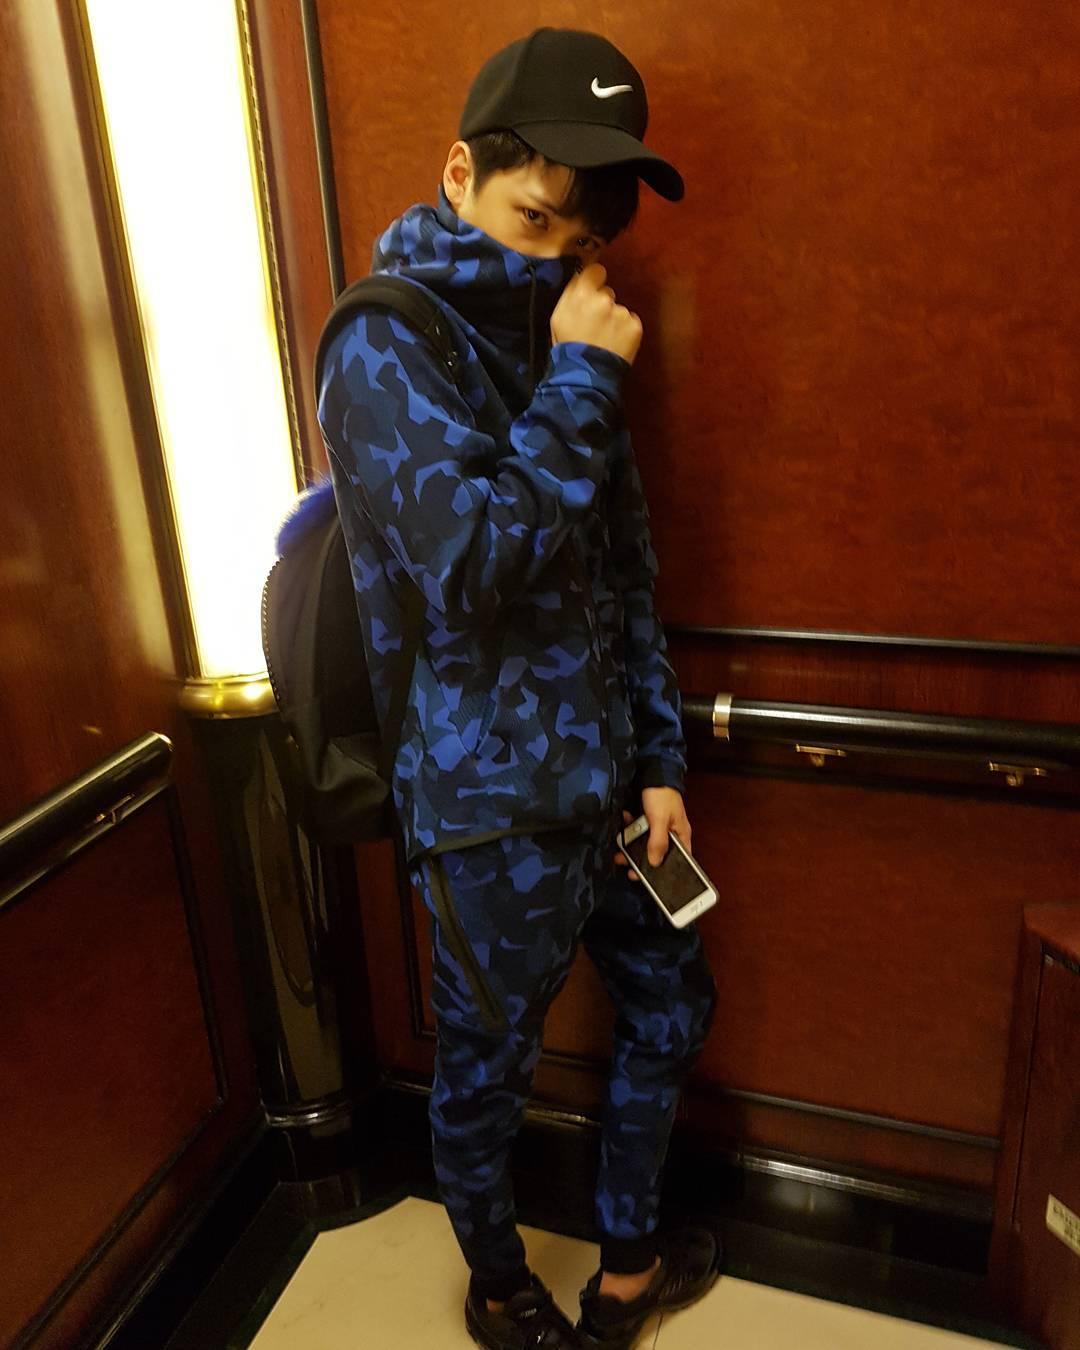 [新闻]160929 李弘基就成为新任DJ一事发表感想:是小时候的梦想